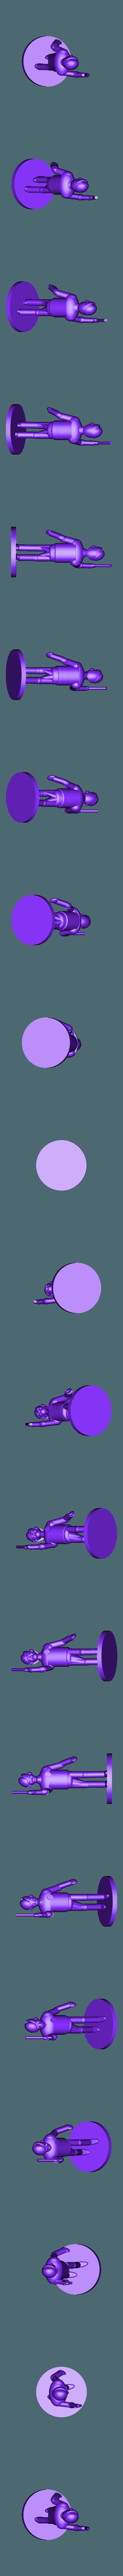 wizardy_boy3_1.stl Télécharger fichier STL gratuit Schoolkids et enseignants magiques • Design à imprimer en 3D, Earsling